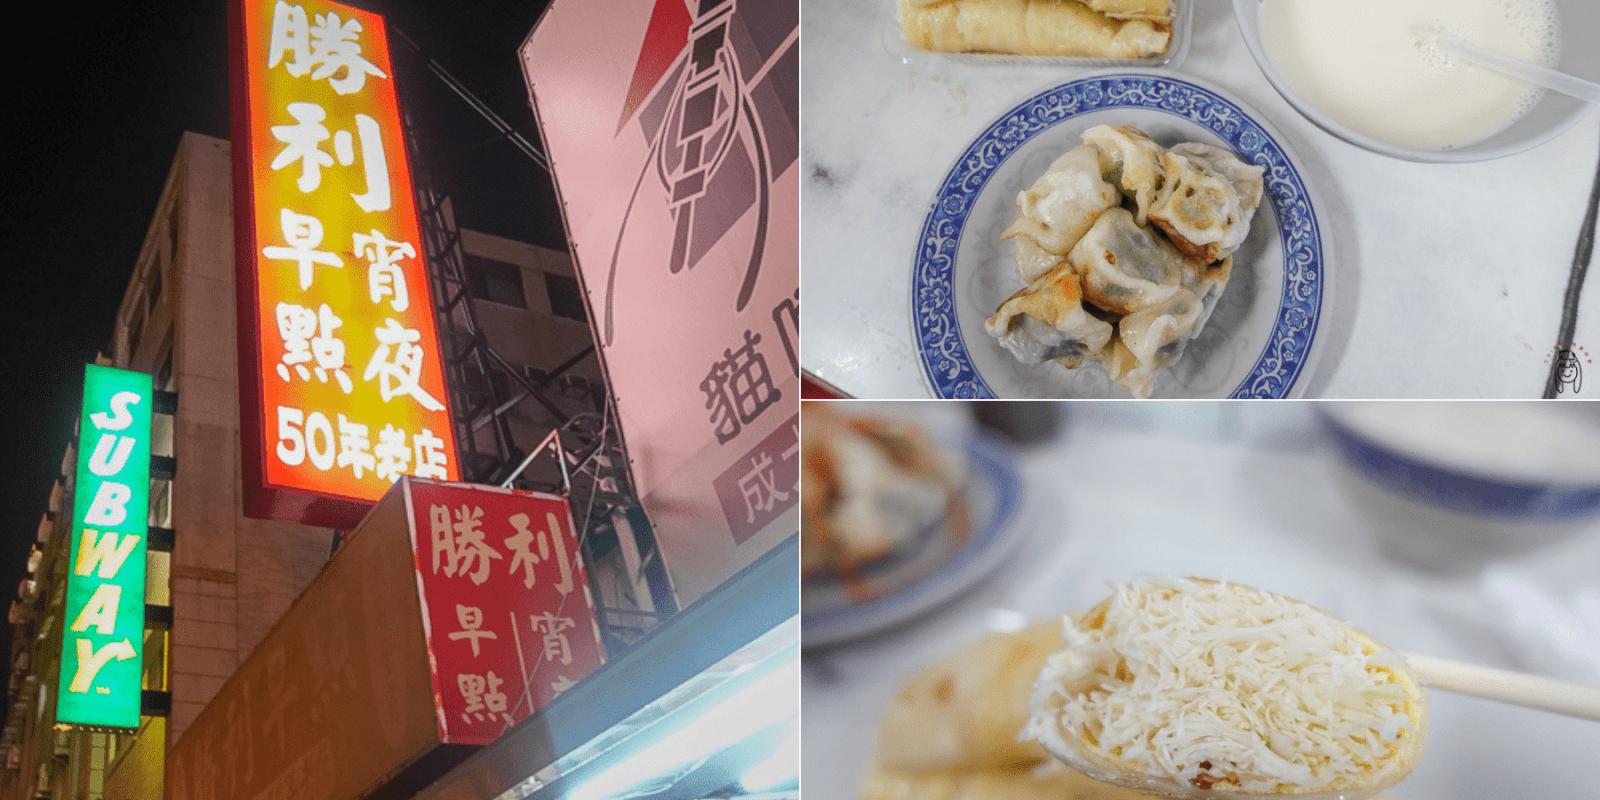 台南東區宵夜   勝利早點,成大學生最愛銅板價宵夜,餐點豐富,大推沙拉蛋餅、吐司跟豆漿。